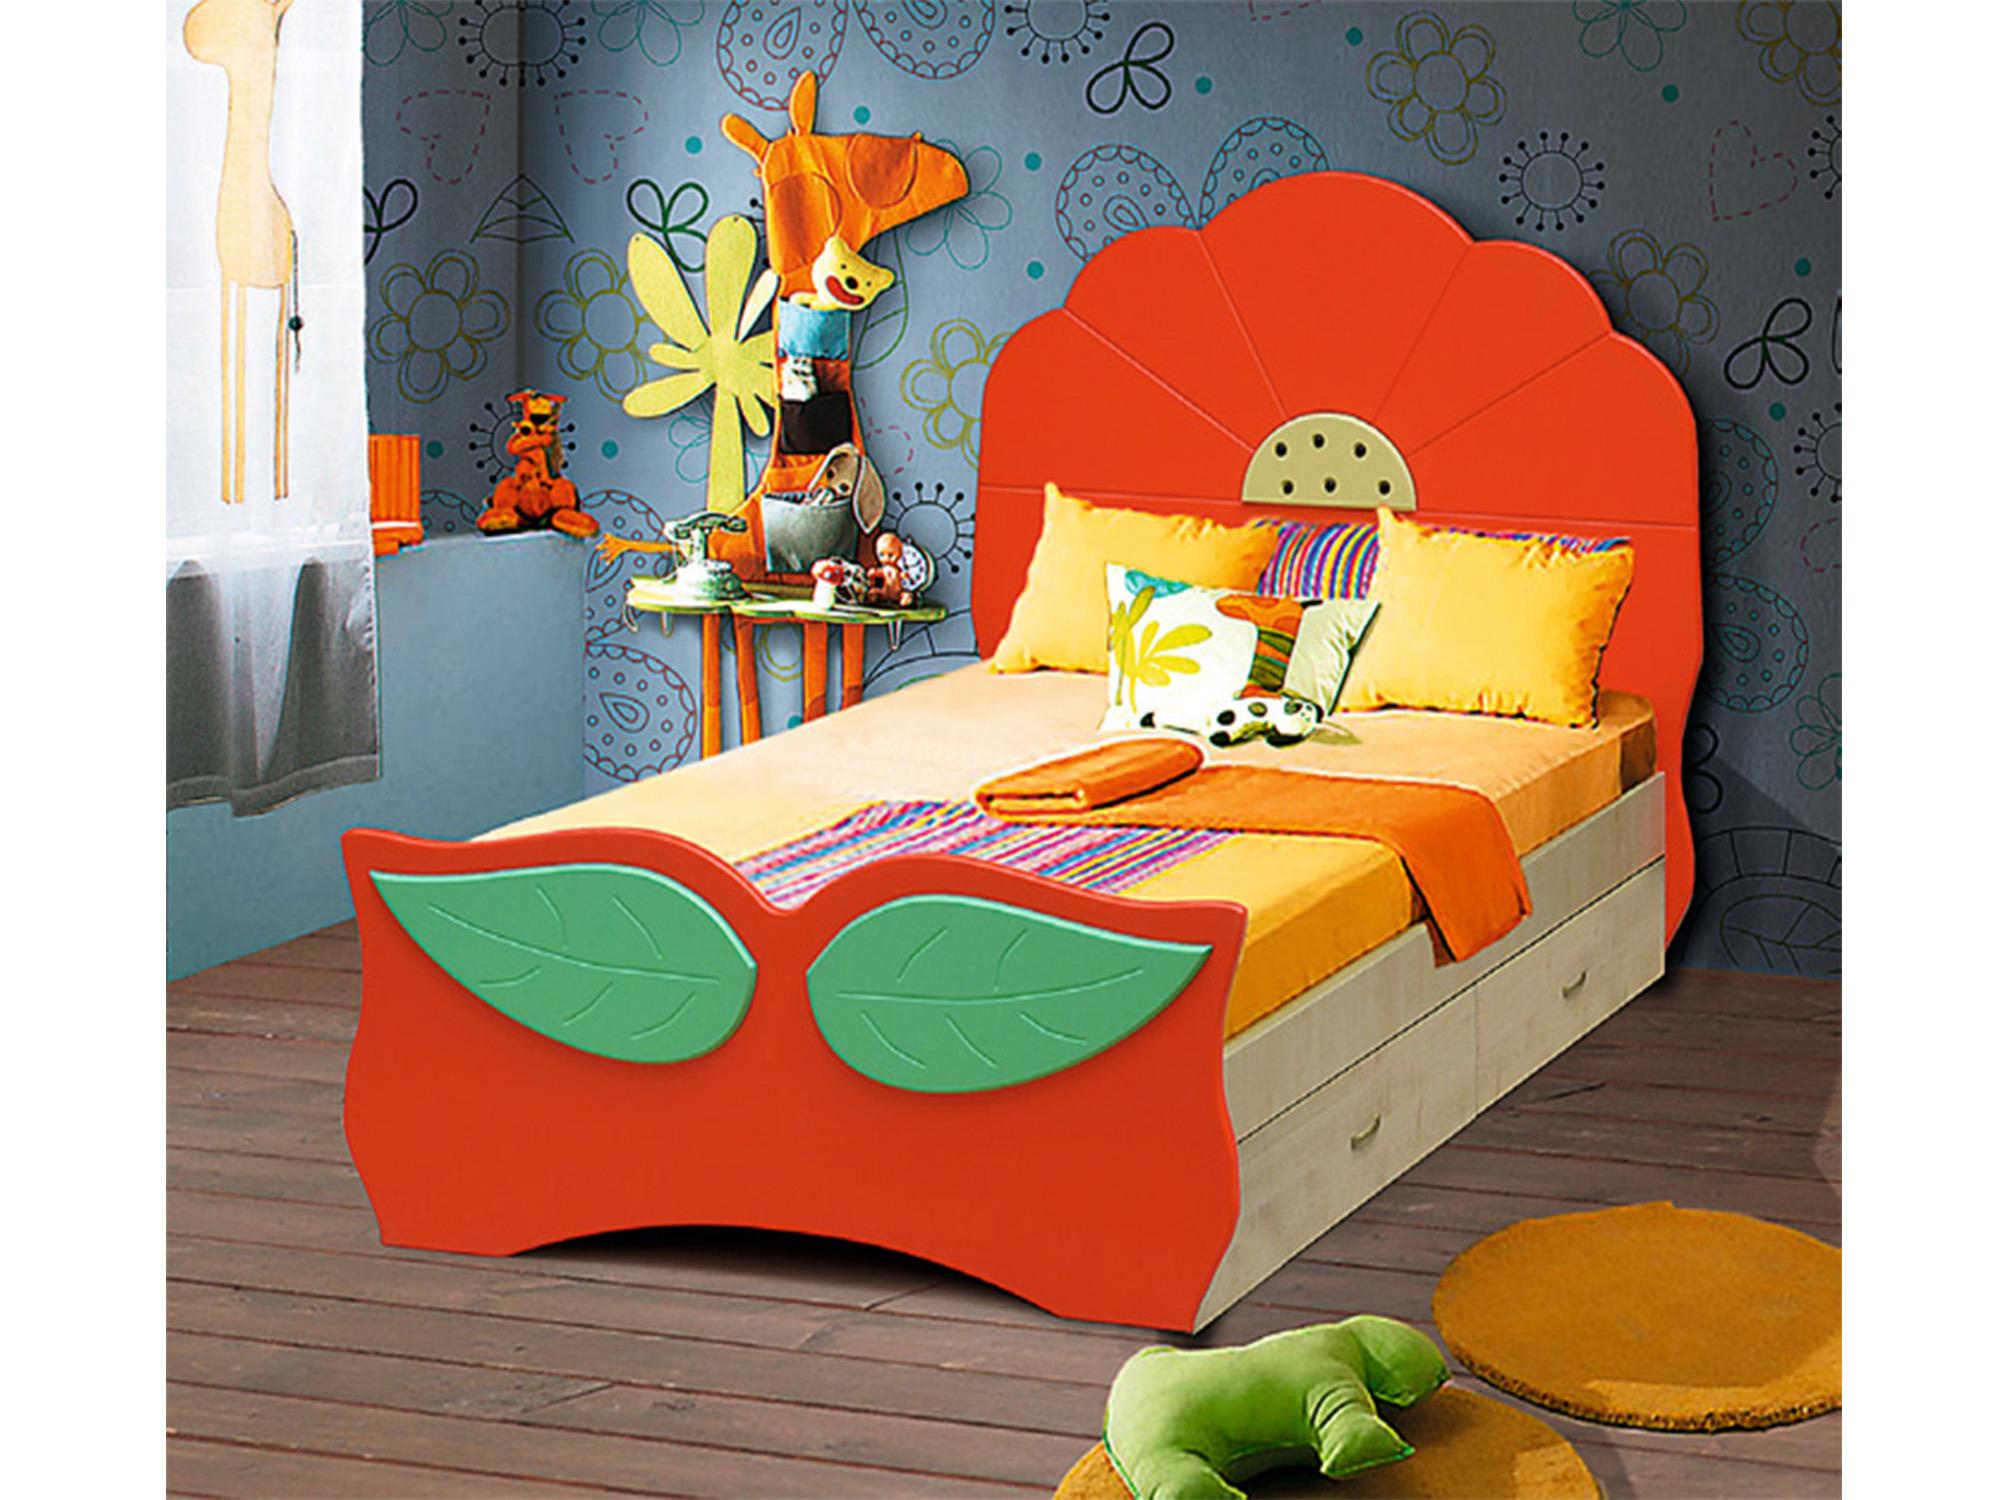 Кровать Мак с ящикамиДетские кровати<br><br><br>Длина мм: 910<br>Высота мм: 910<br>Глубина мм: 1750